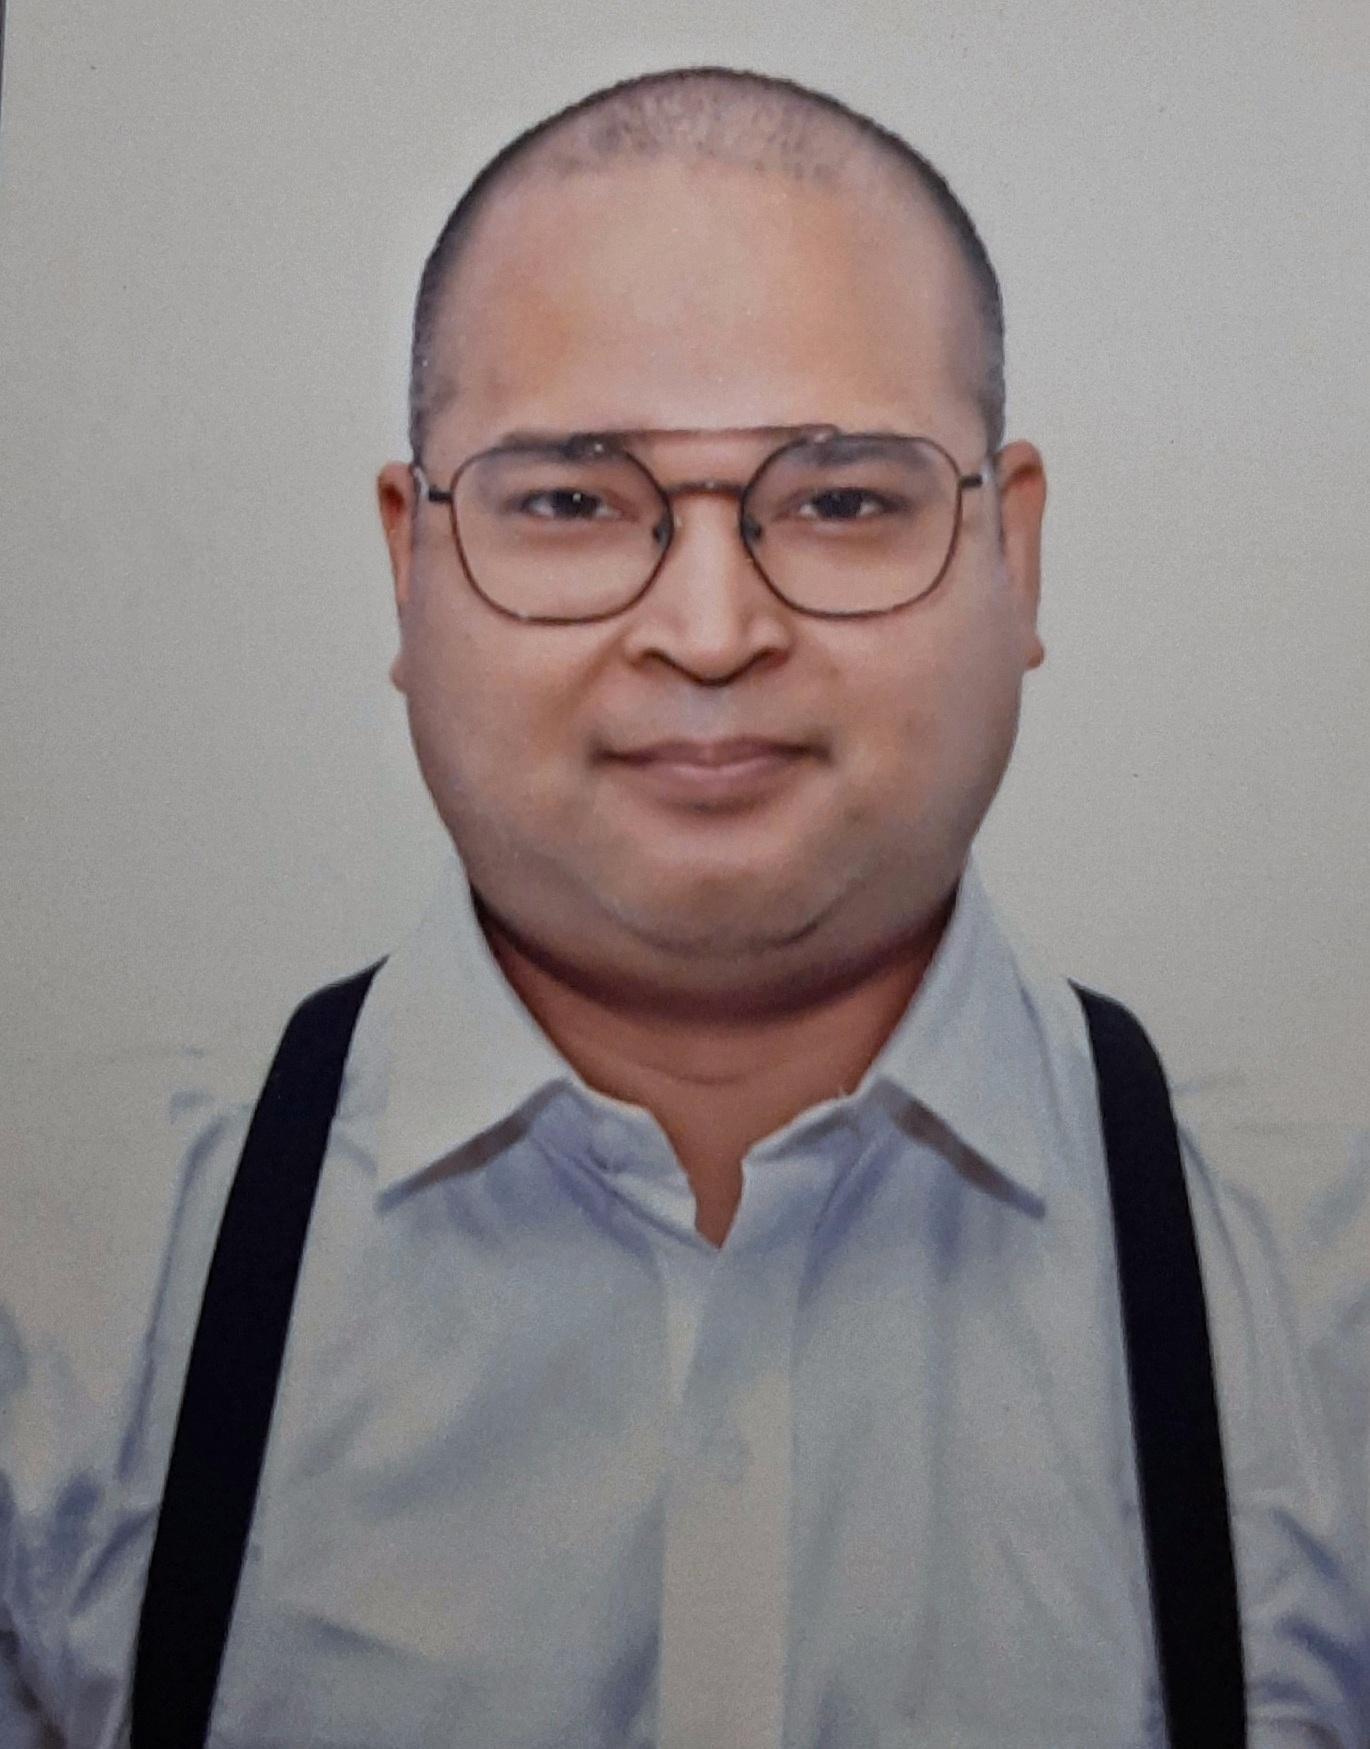 Aditya Samaddar